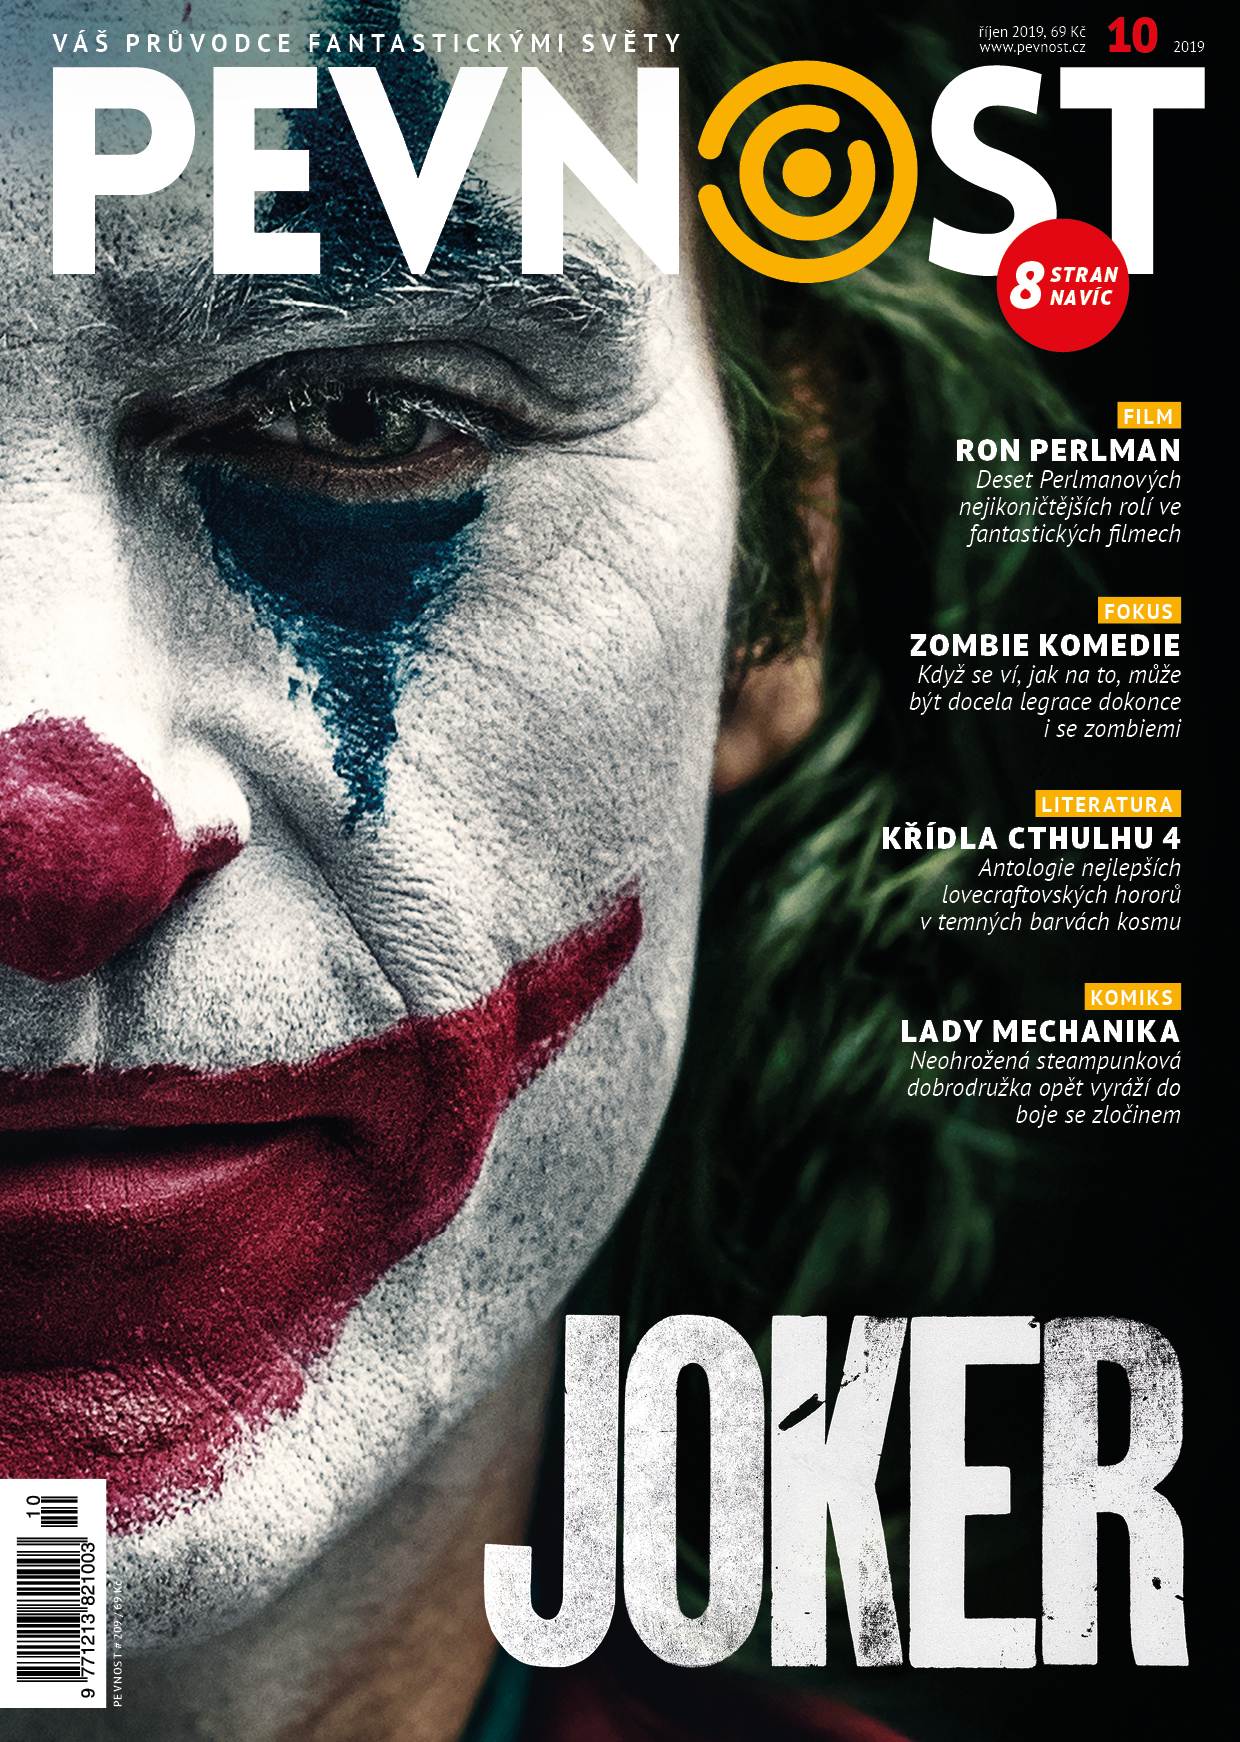 Vypusťte psy anarchie a chaosu, s novou pevností přichází Batmanova noční můra Joker. A není sám. Přivítáme spolu jednoho z hlavních hostů pražského Comic conu a necháme padnout Gondolin. Prostě fantastické číslo.